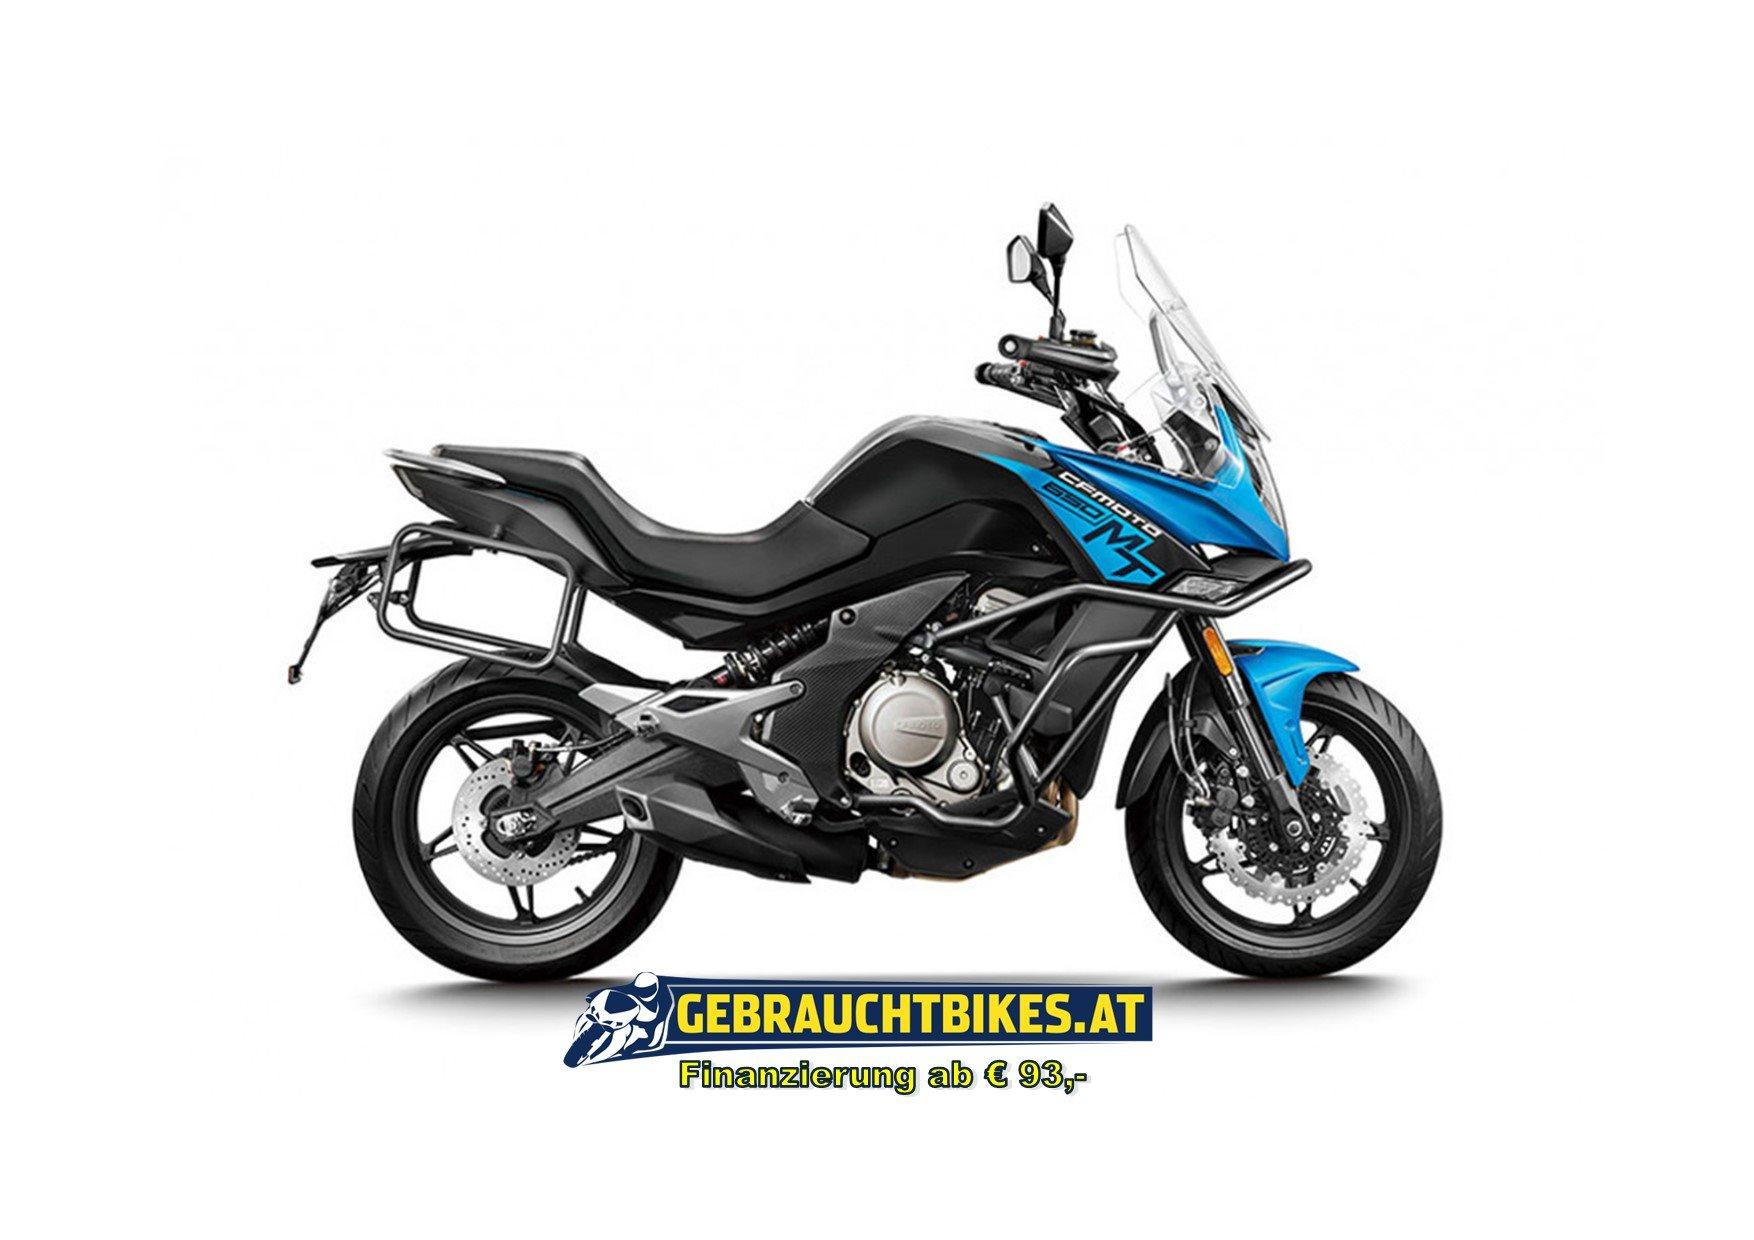 CF-Moto 650 MT Motorrad, neu